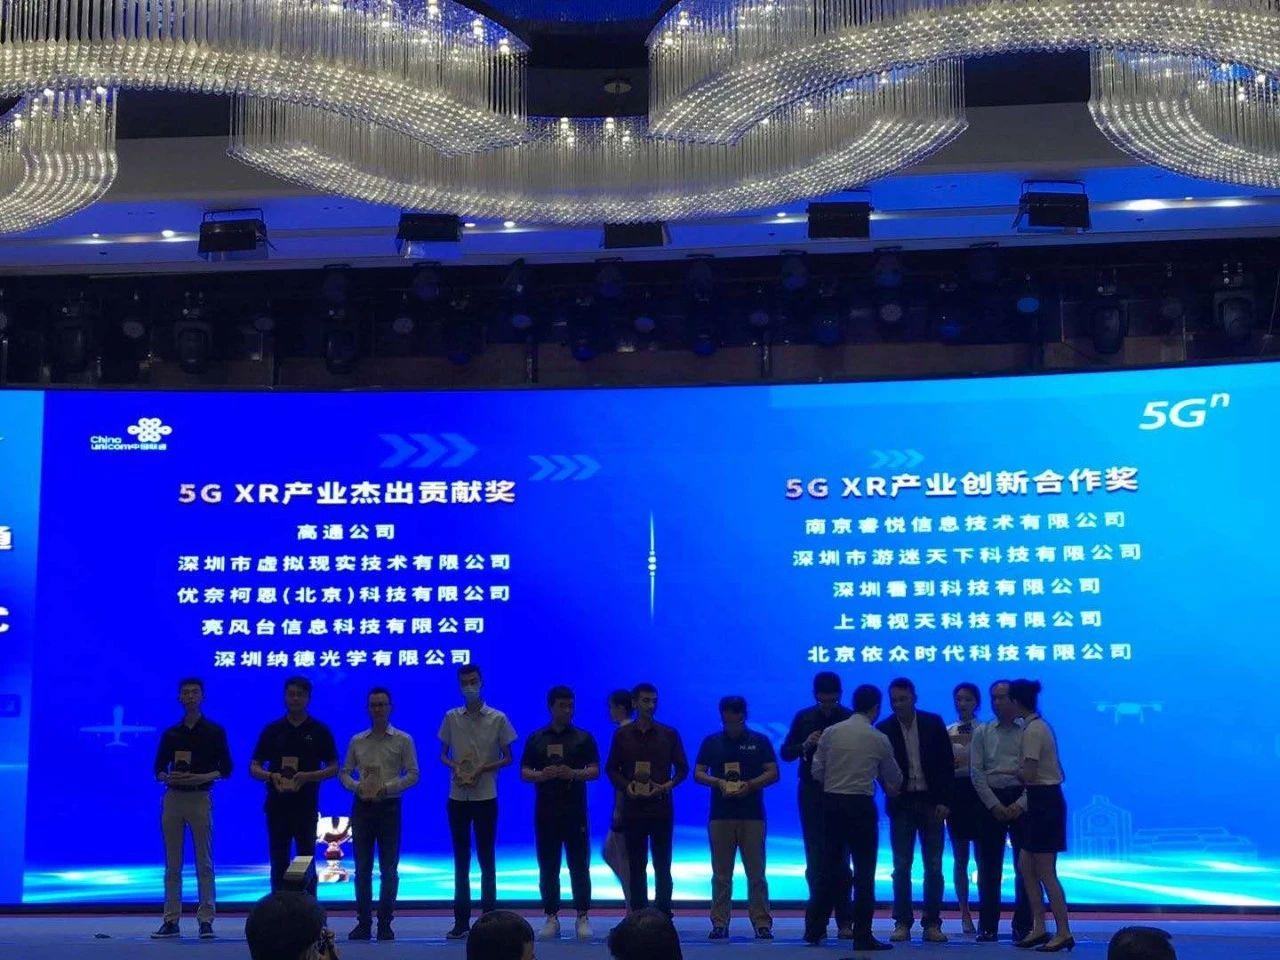 """VR陀螺荣获中国联通颁发""""5G XR产业创新合作奖"""""""